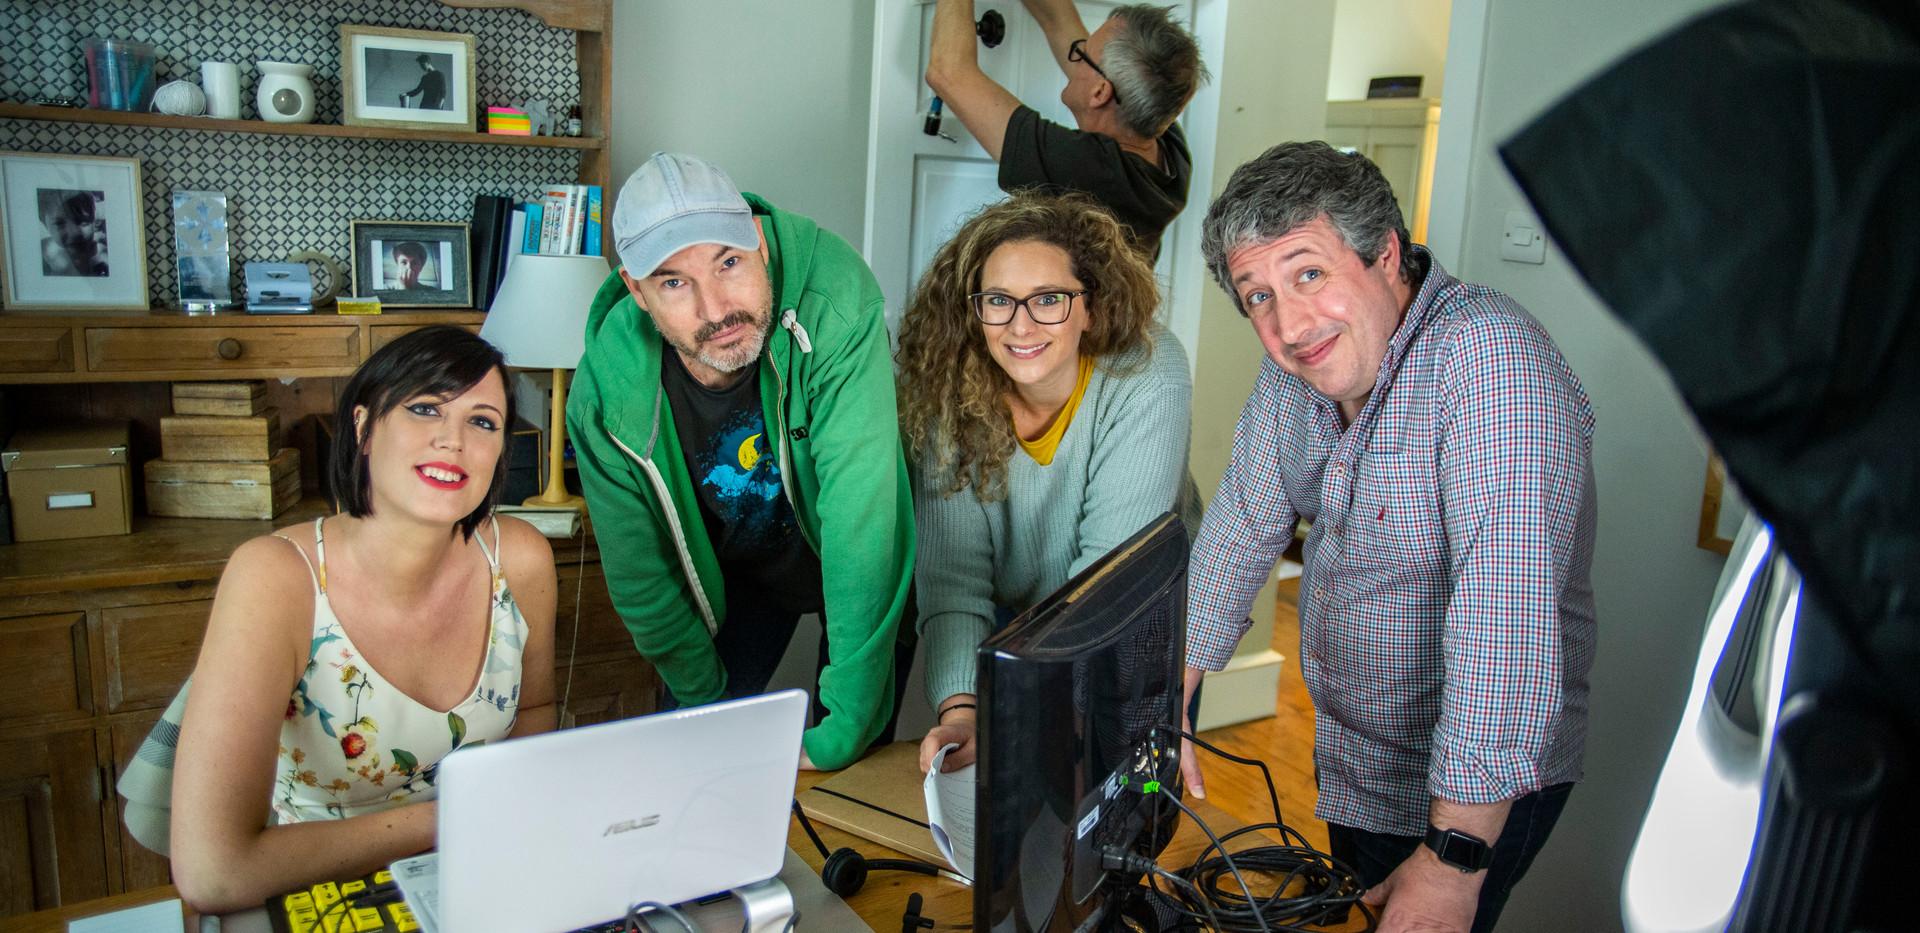 House 2 Teach team pose.jpg